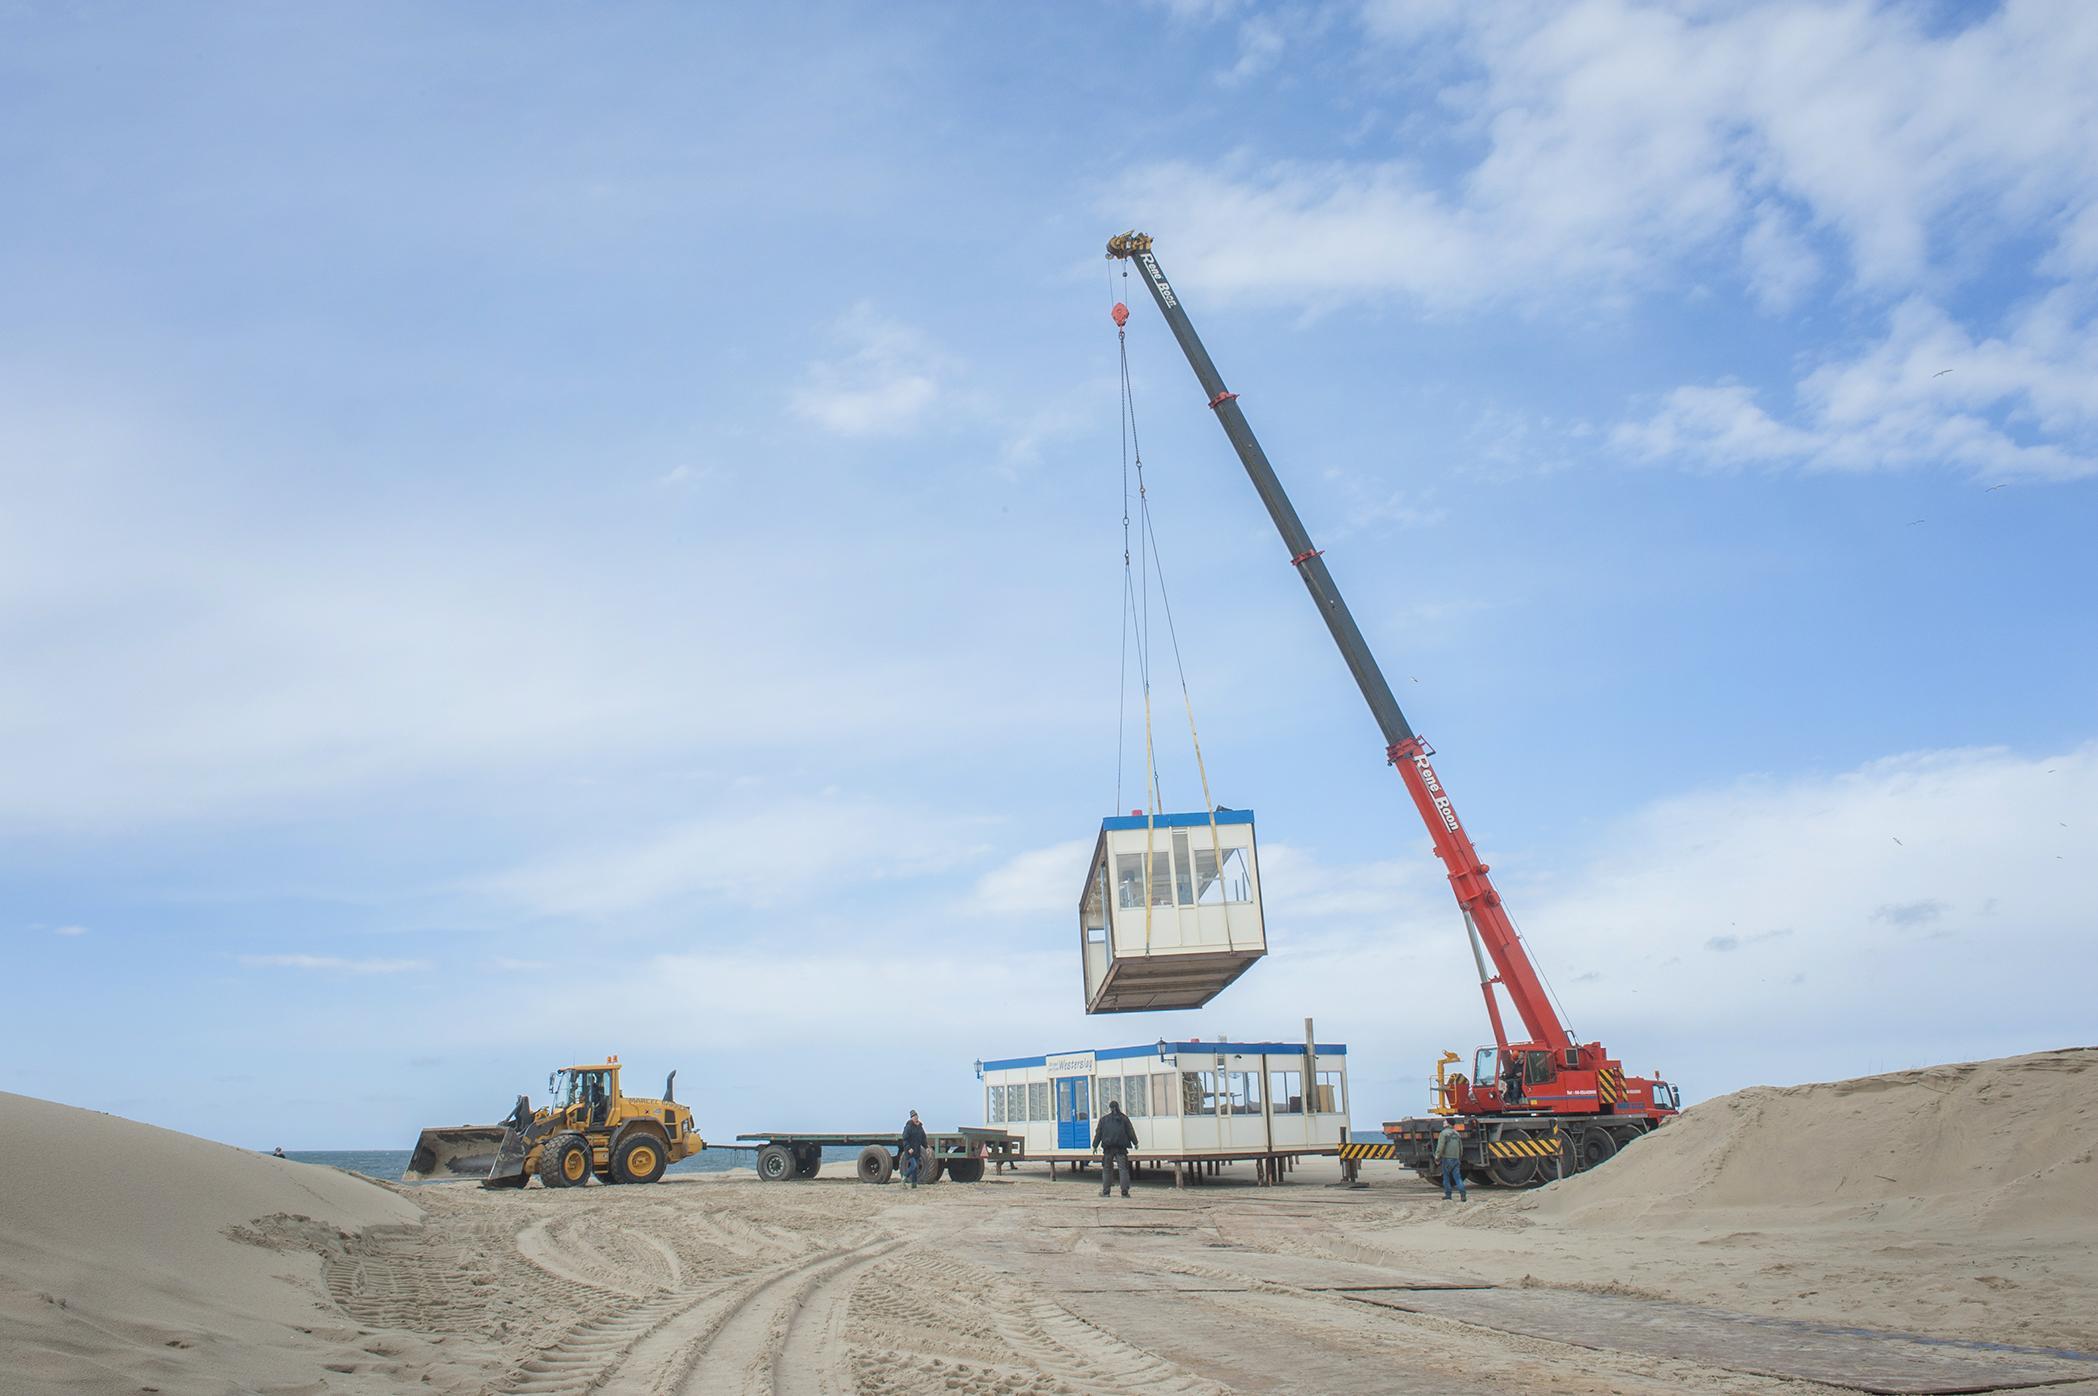 Texelse strandpaviljoens mogen deze winter toch op het strand blijven staan. 'Dit was niet te verkopen'